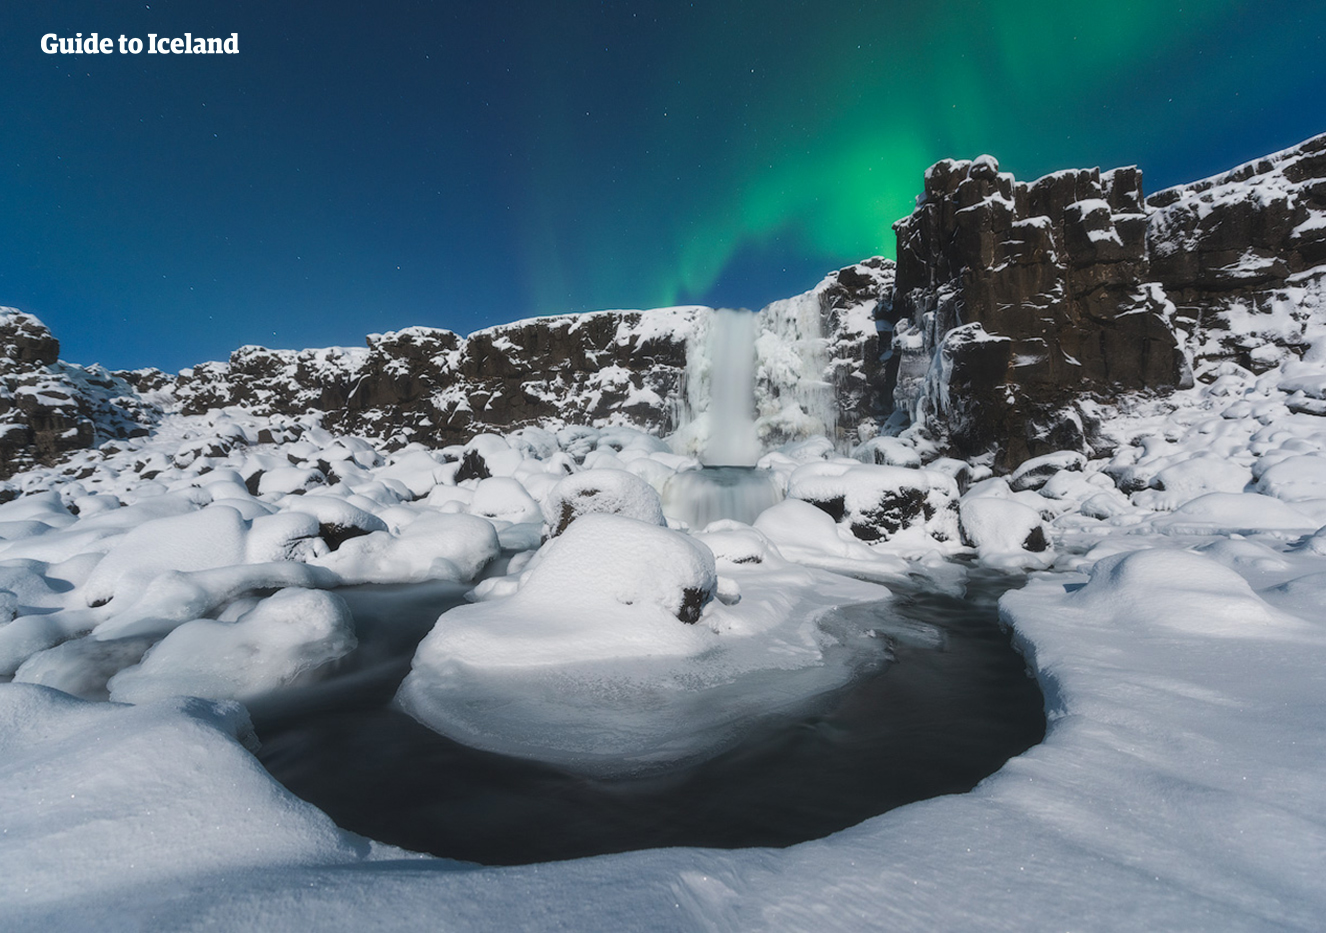 Las auroras boreales bailan en el cielo sobre la cascada de Öxarárfoss en el Parque Nacional de Þingvellir.